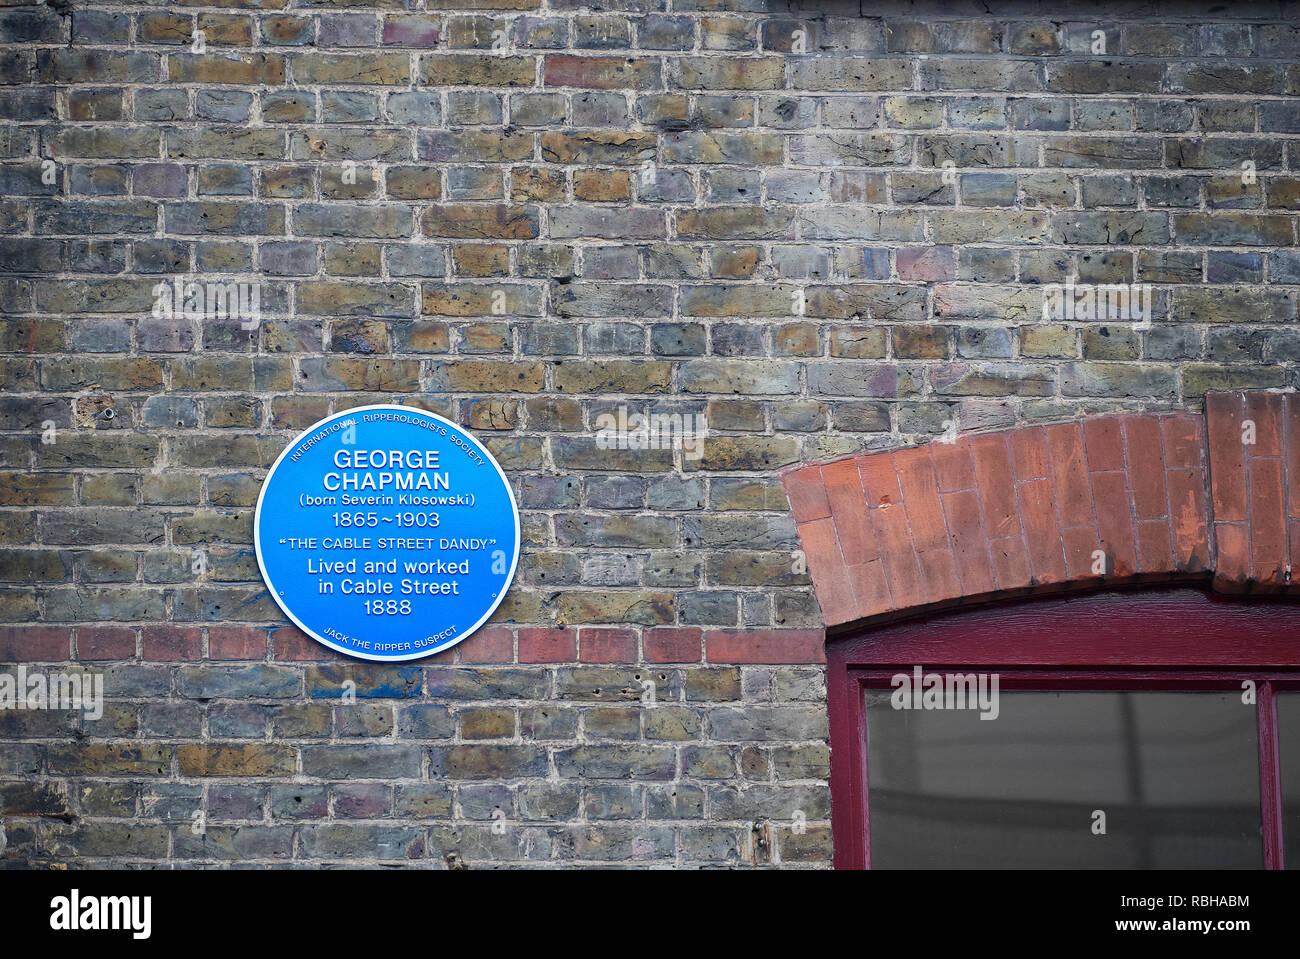 Blue Plaque (über George Chapman, ein Jack the Ripper vermuten) an der Wand von Jack the Ripper Museum, Kabel-Straße, Whitechapel, London, England. Stockfoto